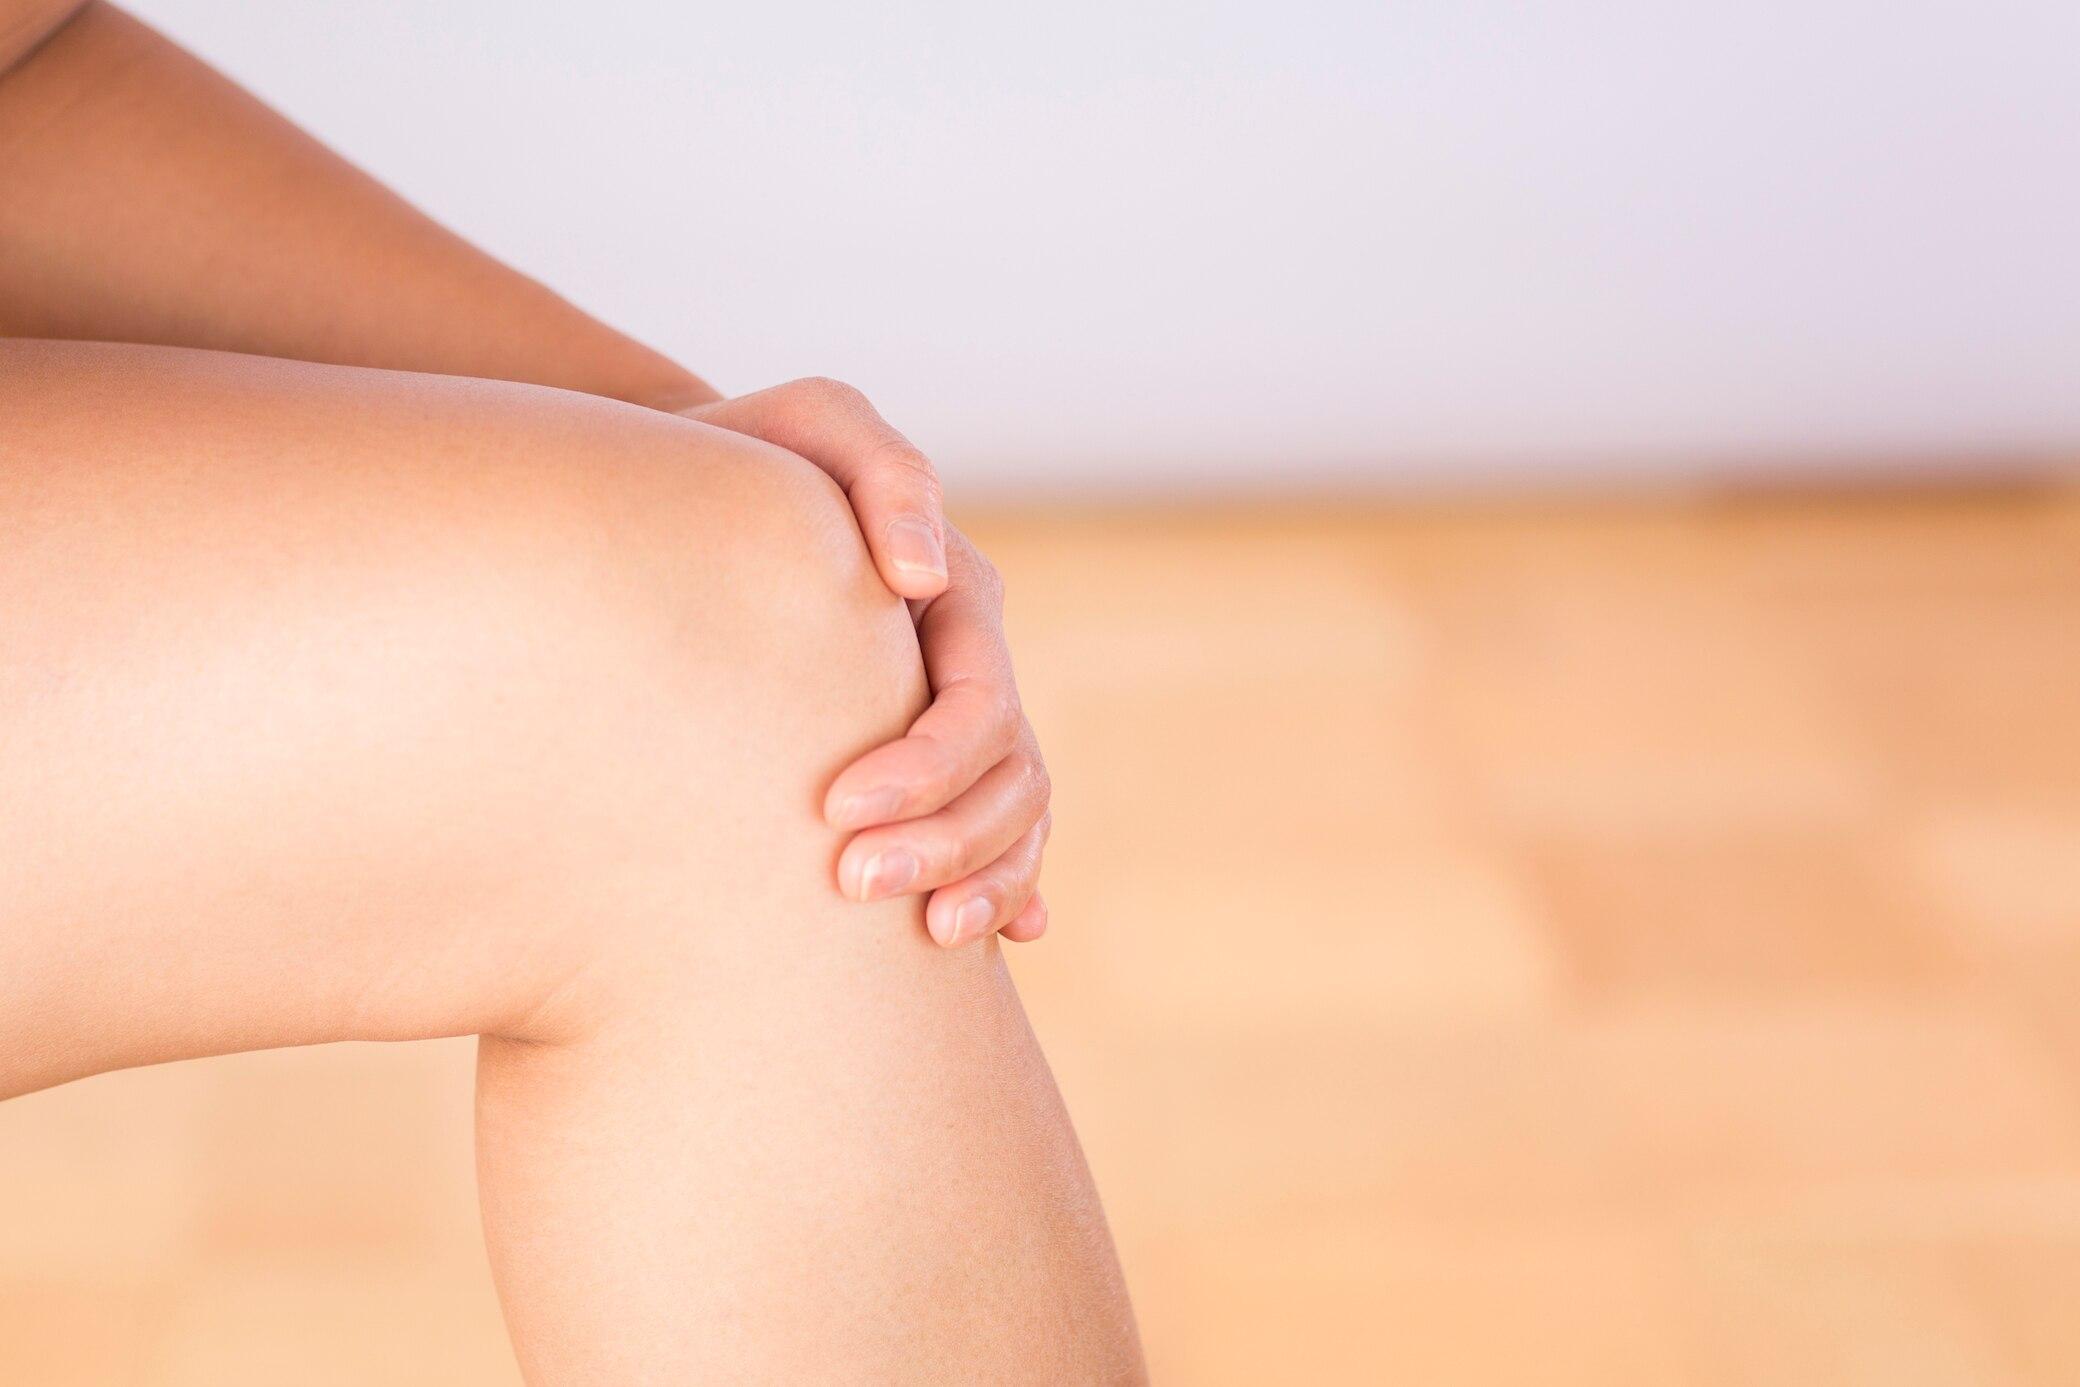 Diese Übung beugt Knie- und Haltungsproblemen vor